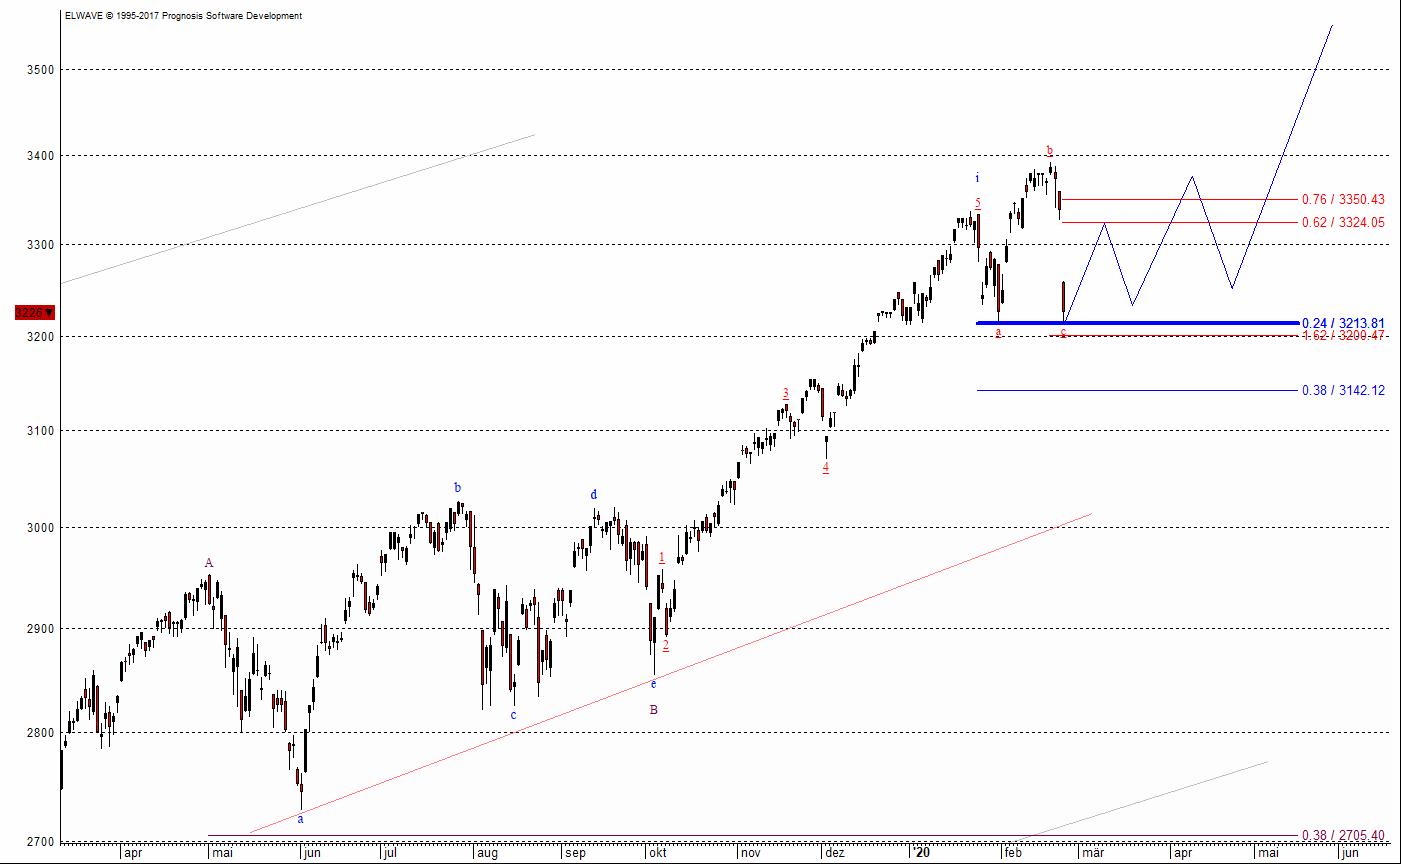 Der S&P 500 repäsentiert die Aktienmärkte wie kaum ein anderer Index